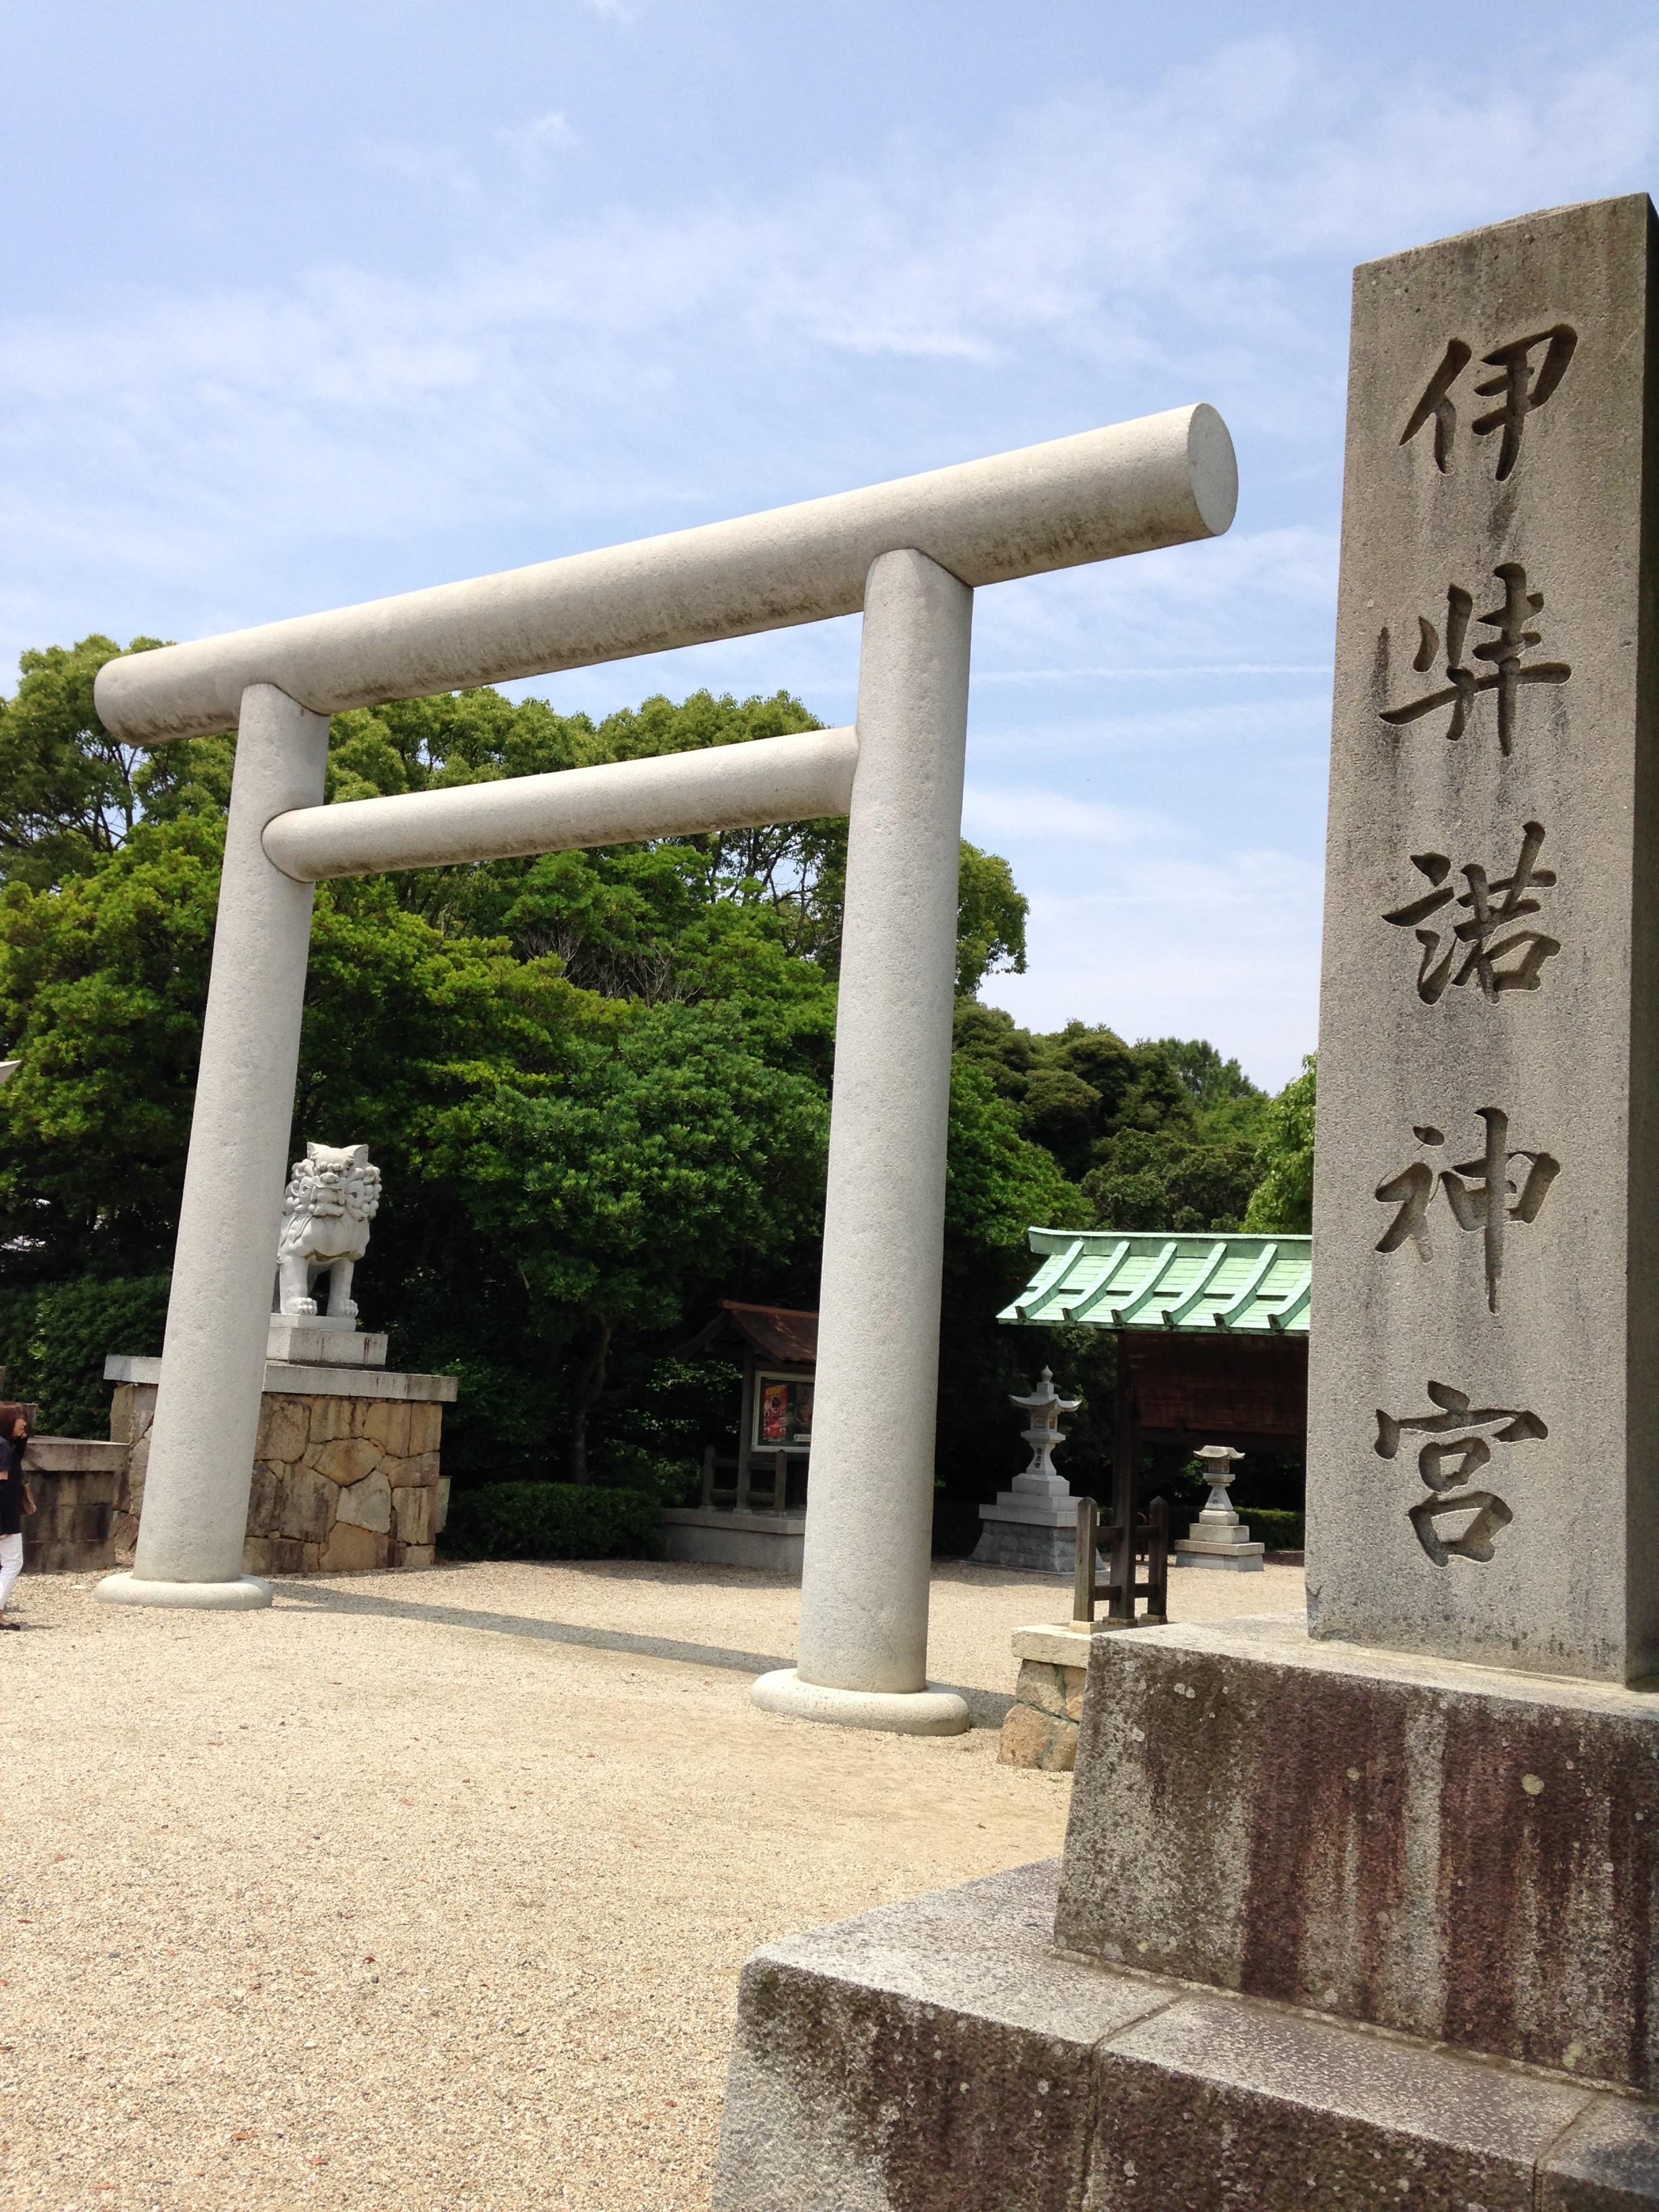 【兵庫・淡路島】日本最古の神社「伊弉諾神宮」にバスを乗り継いで行ってきたよ!